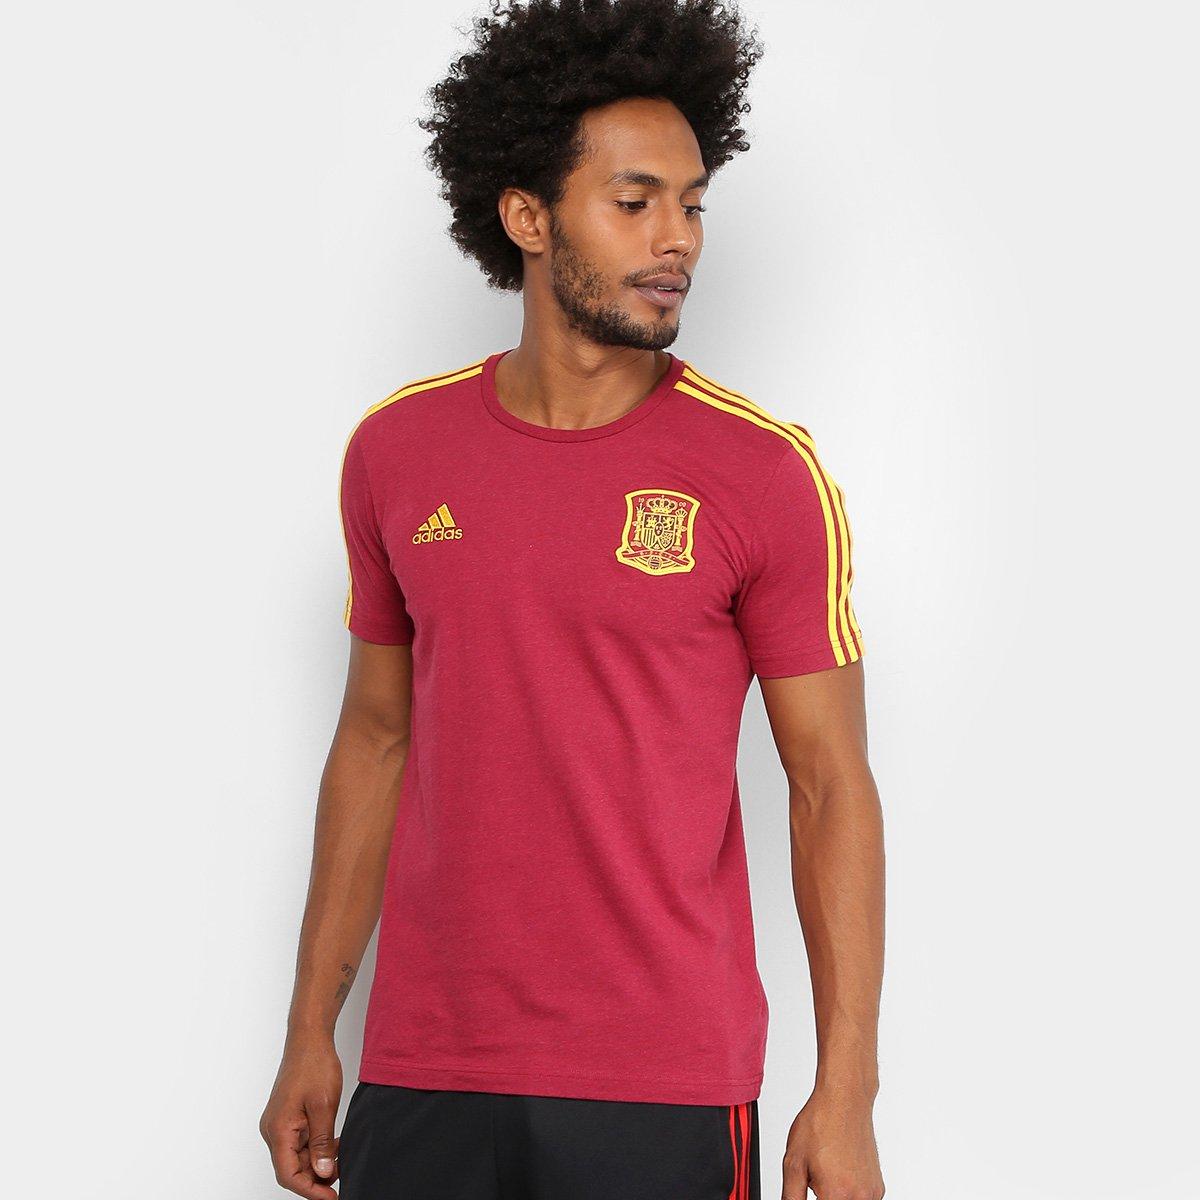 8be0124ab3 Camiseta Seleção Espanha Adidas 3S Masculina - Vermelho - Compre ...